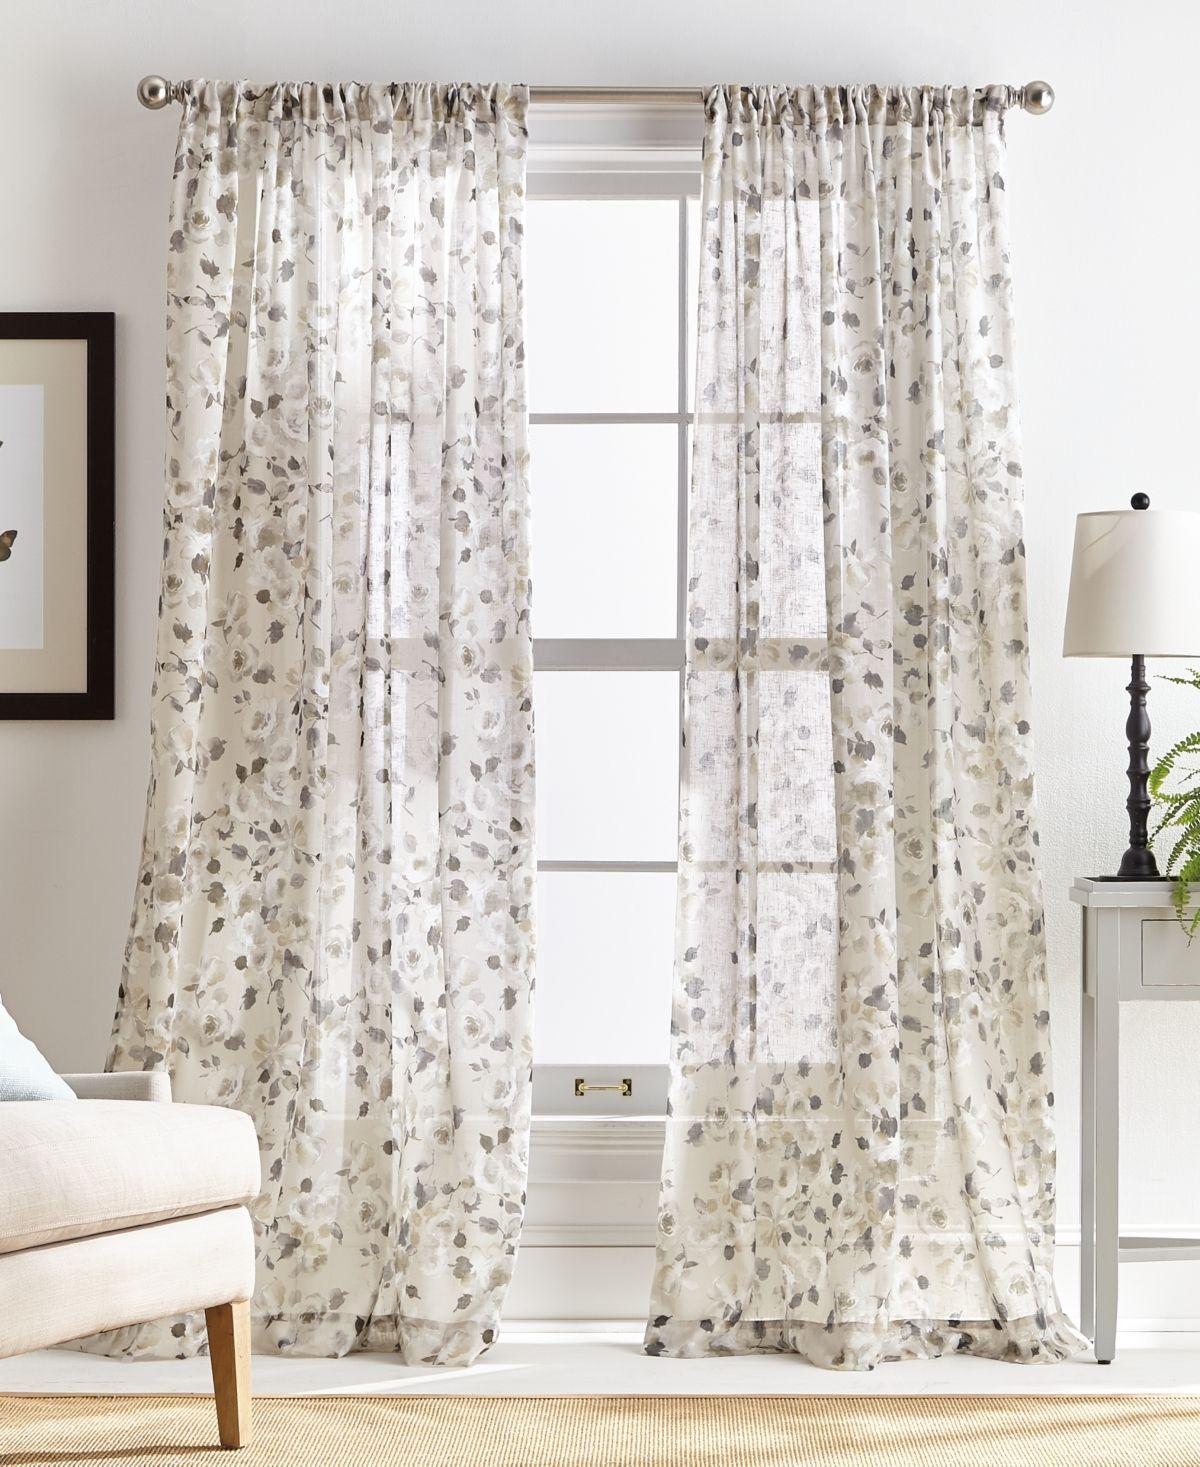 Martha Stewart Annabelle Pole Top 50 X 84 Curtain Panel Panel